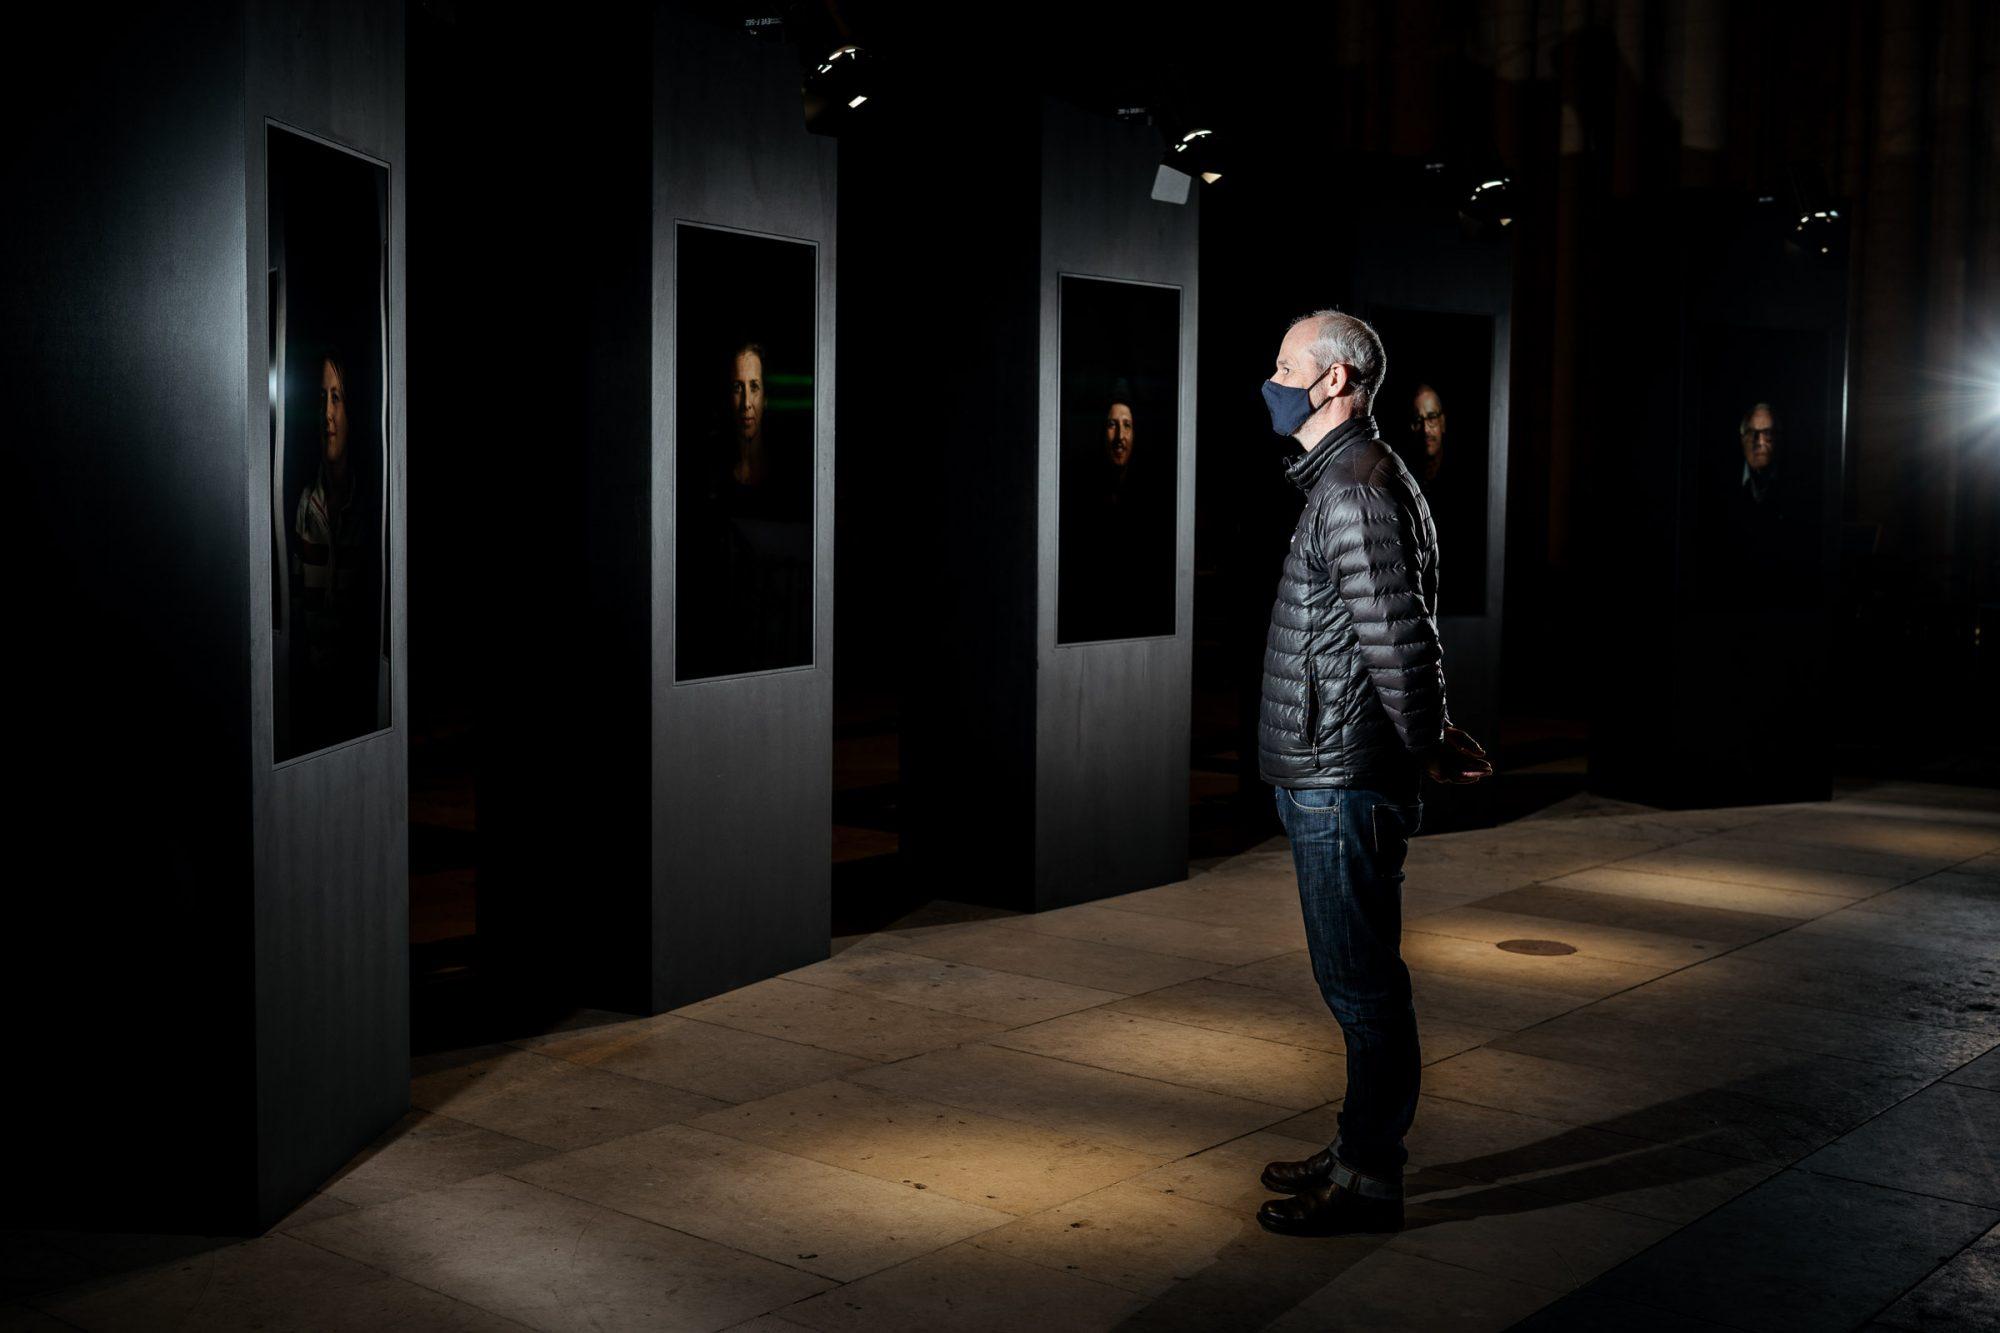 Gallery — York Mediale